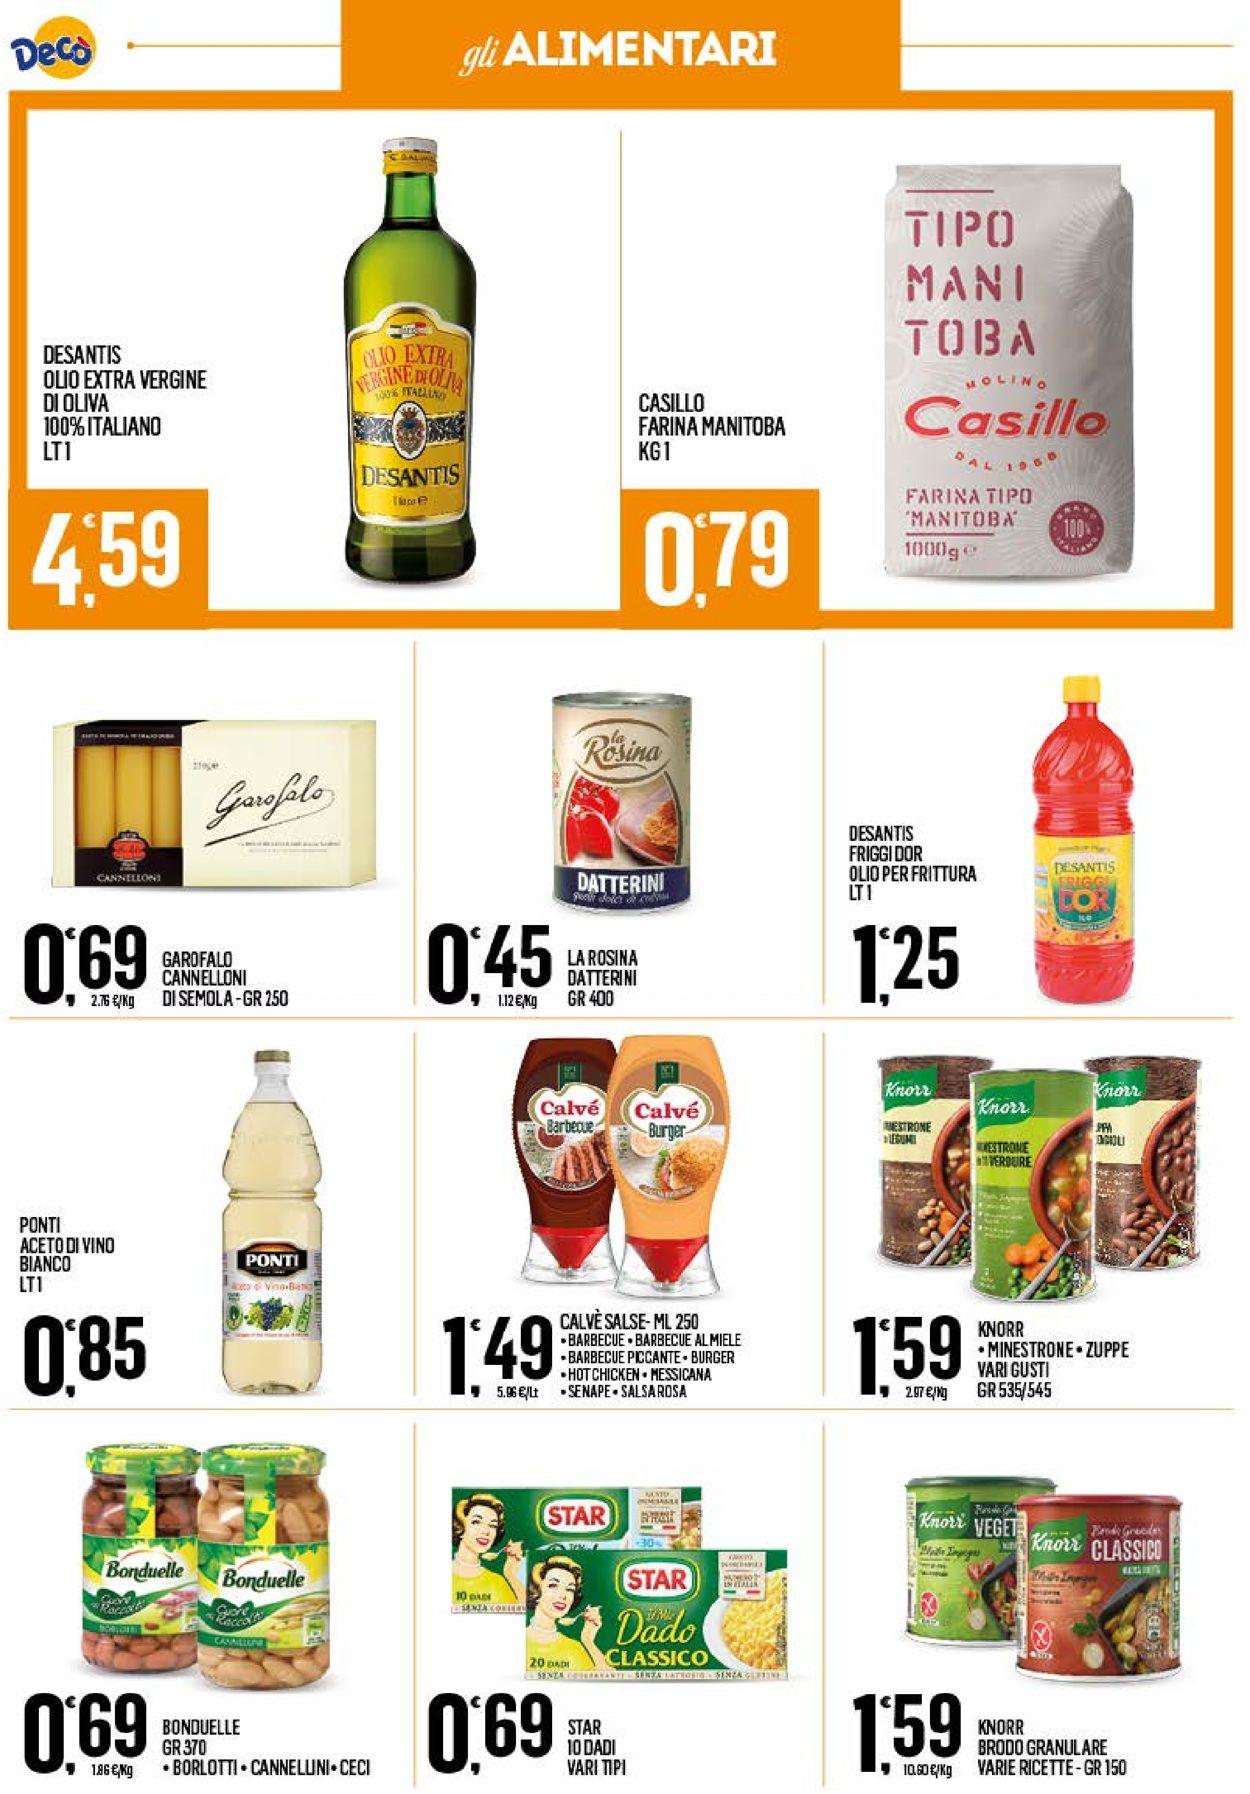 Volantino Deco Supermercati - Offerte 08/01-18/01/2021 (Pagina 14)